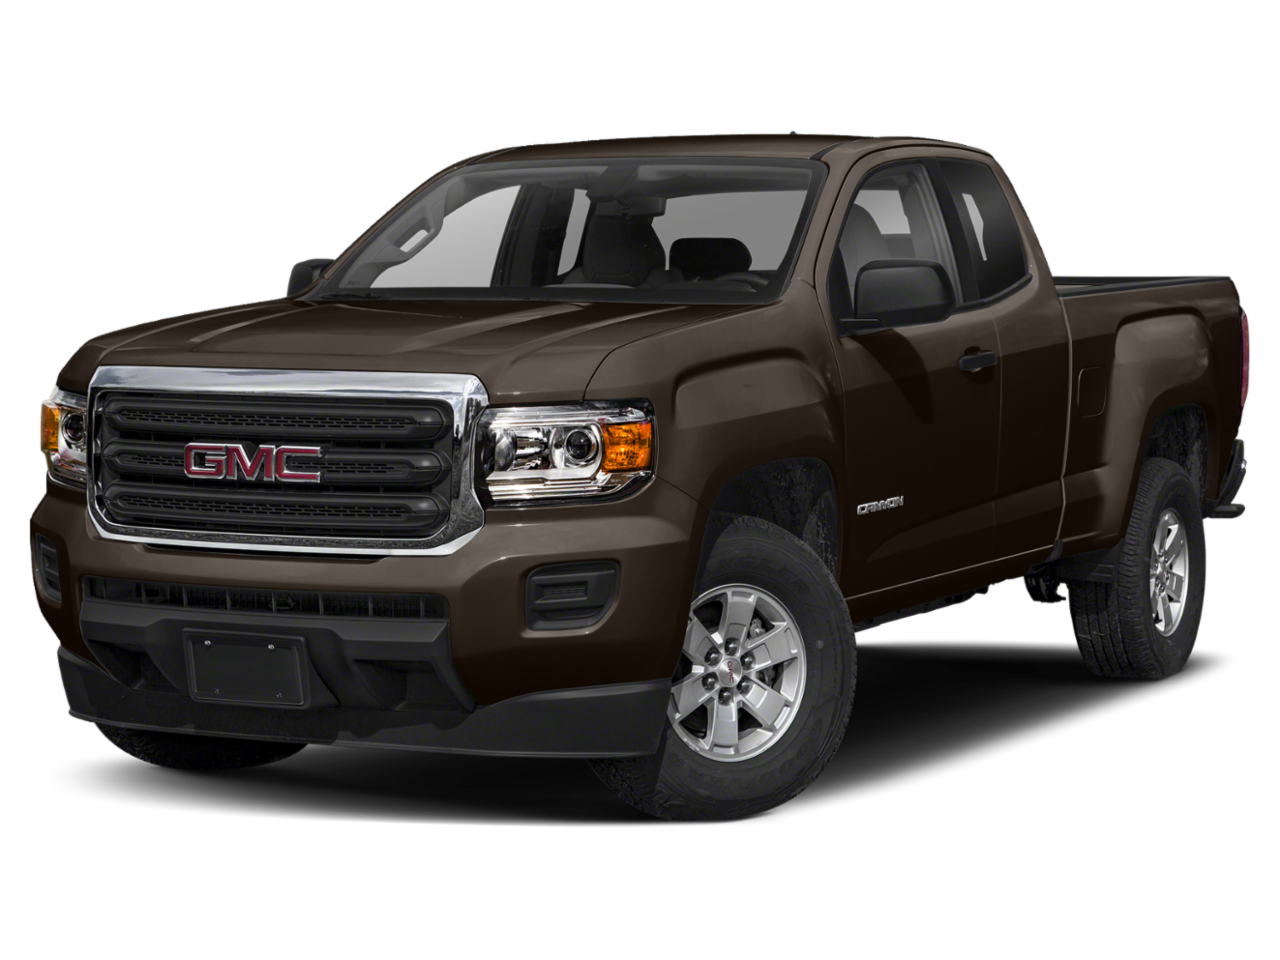 2020 Gmc Canyon Pricing Colors Renton Wa Dealership Brotherton Buick Gmc